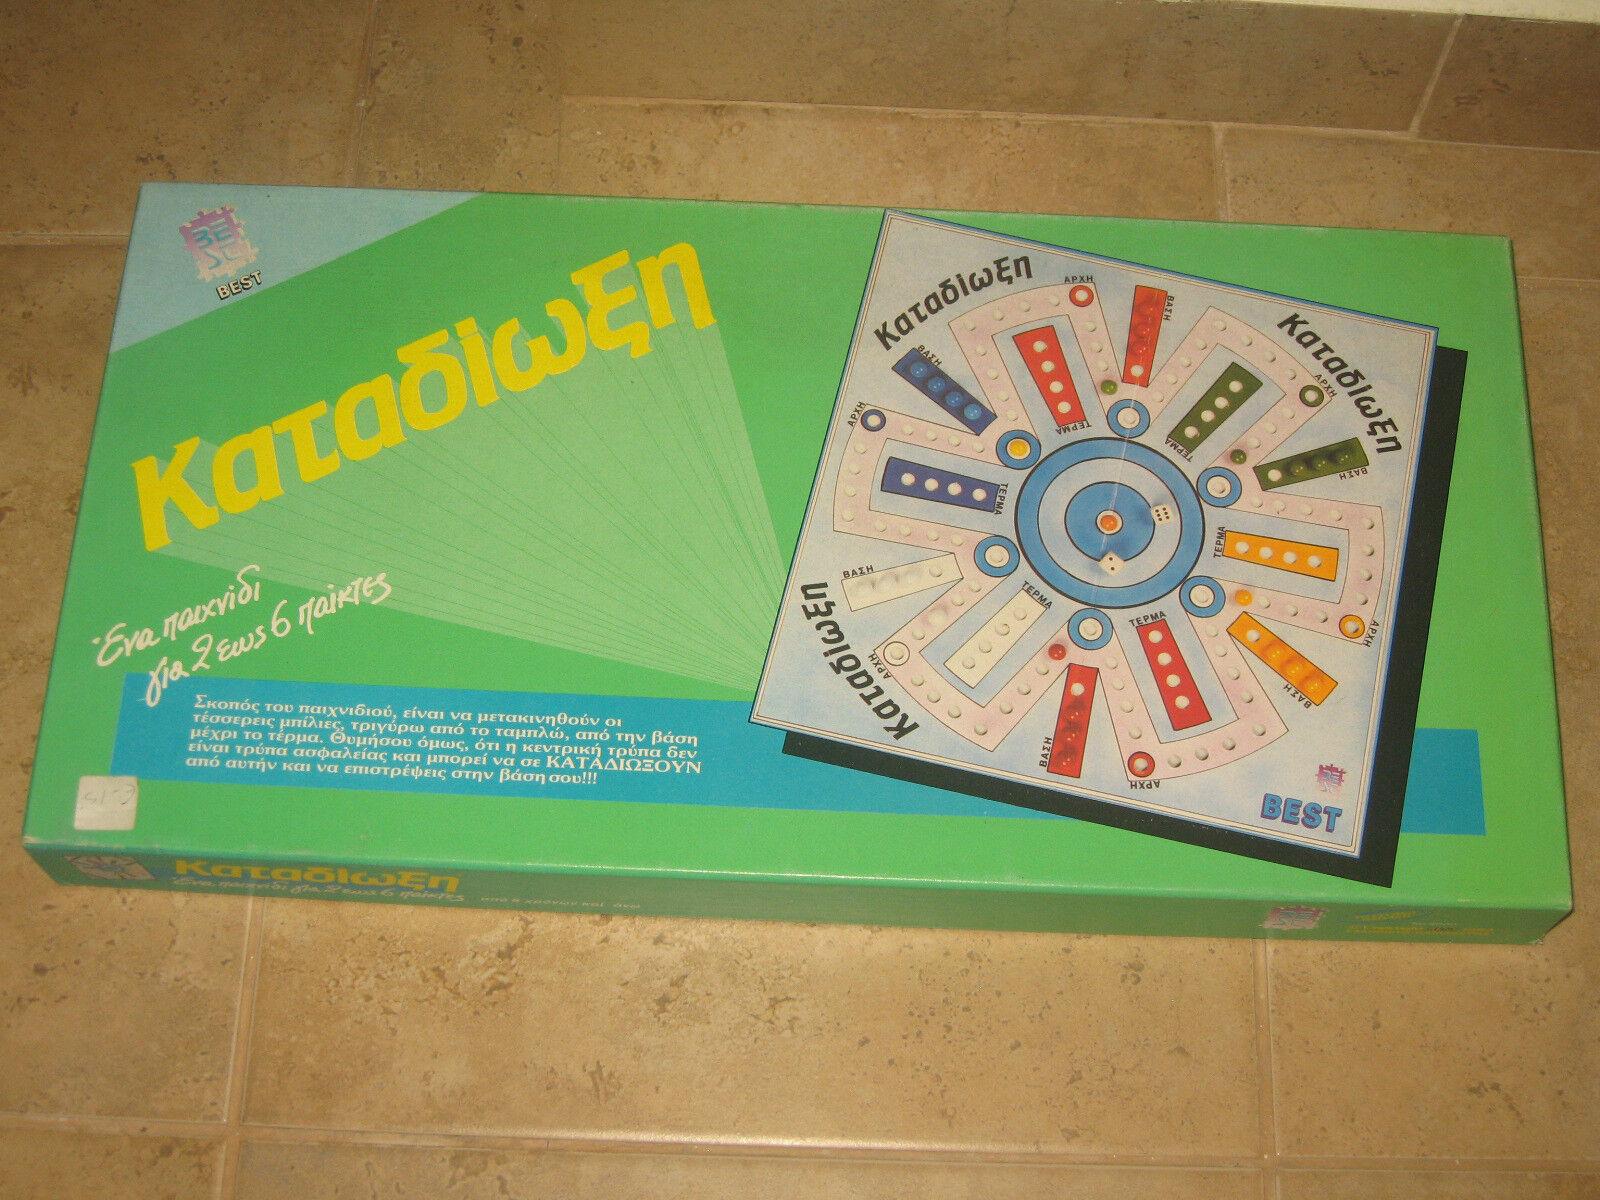 Vintage años 80 griego Juego de Mesa la persecución  (katadioksi) por mejor juguetes fabricados en Gre